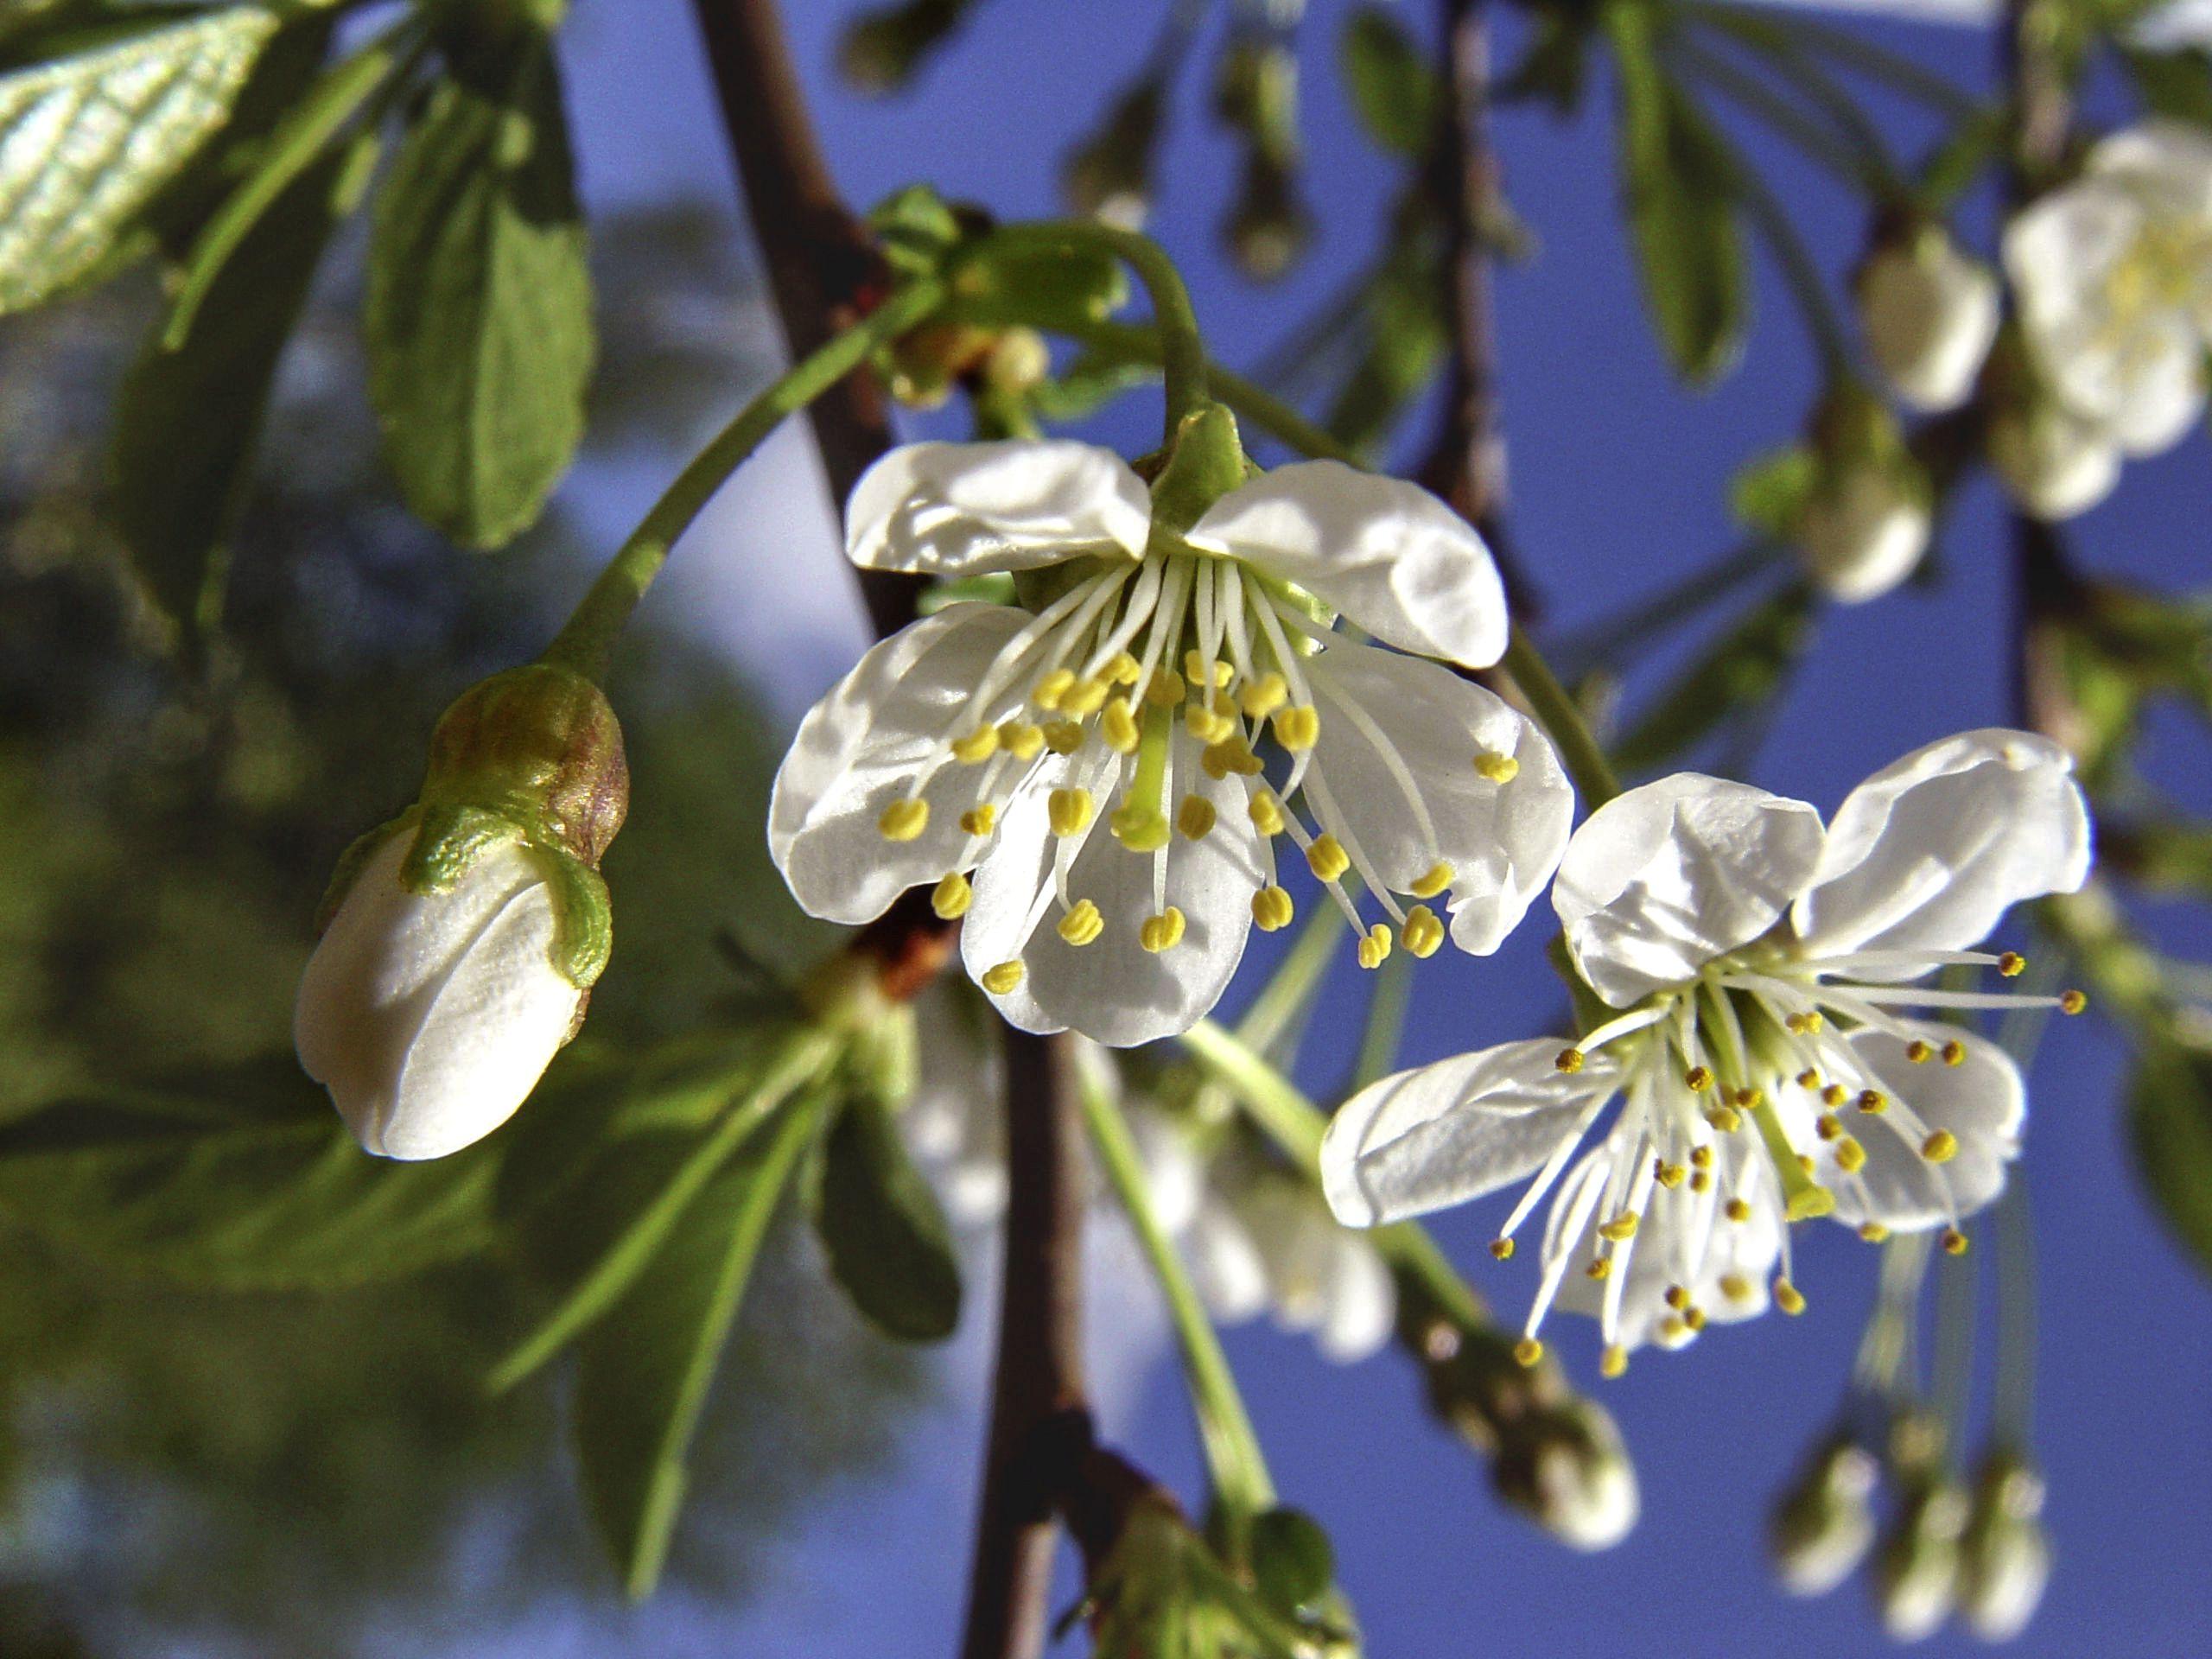 Цветение. Блиц: весна идет!